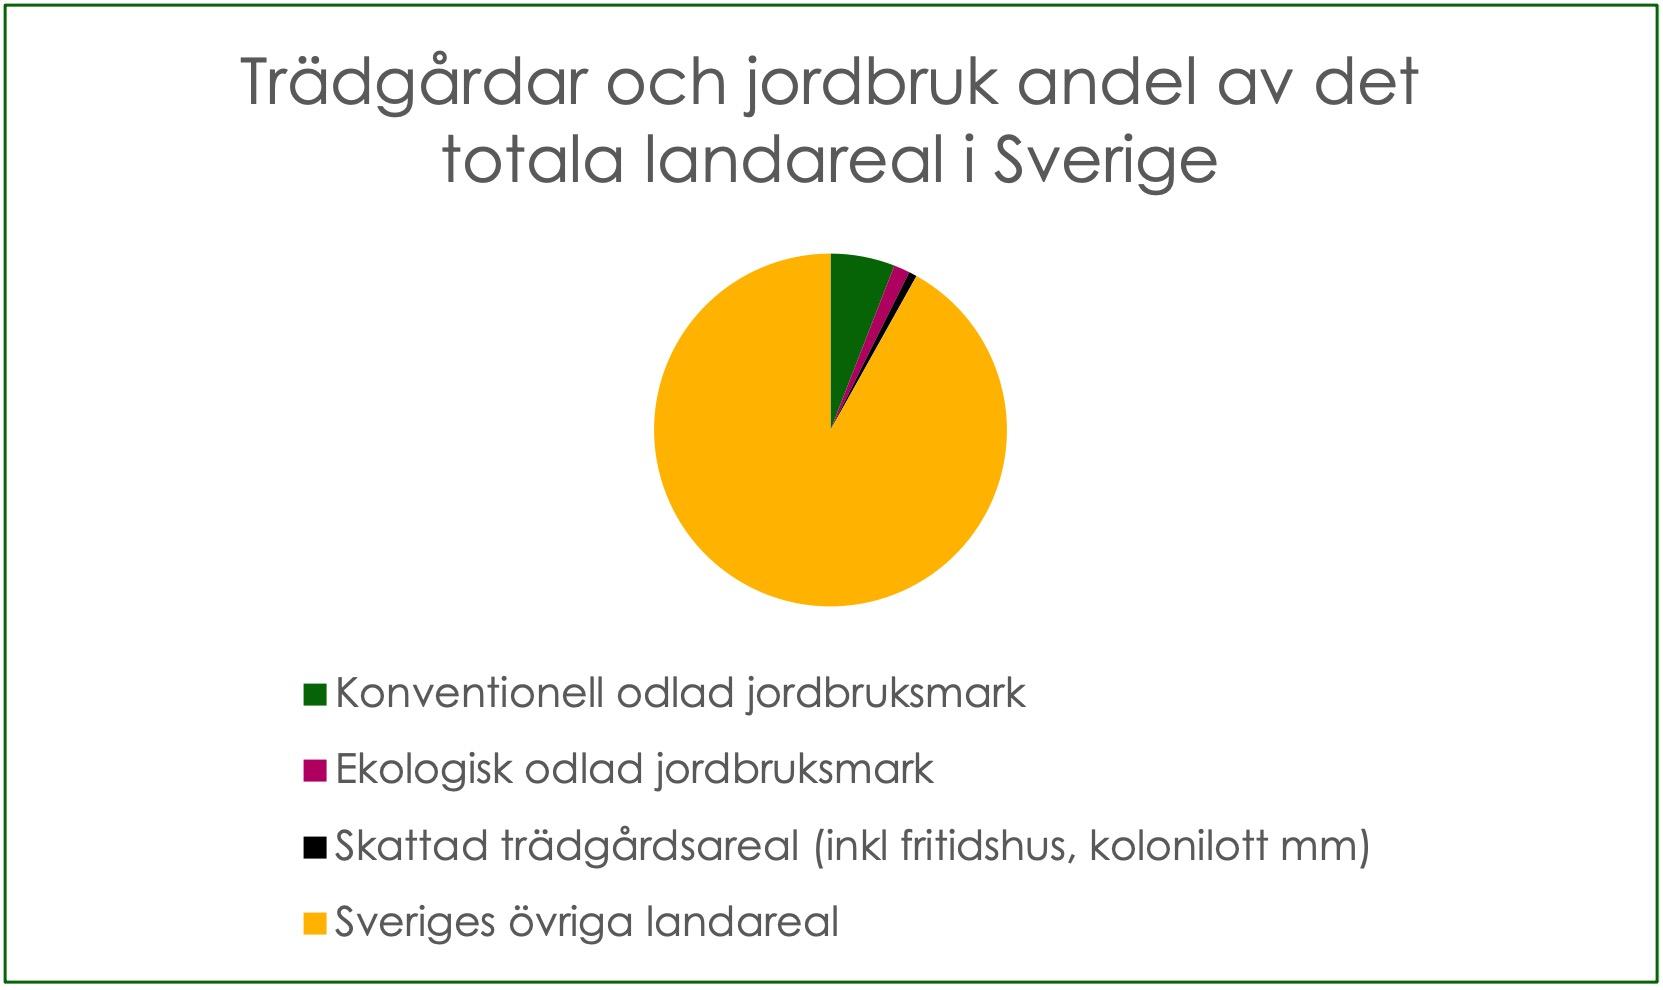 Trädgårdar som en andel av det totala landareal i Sverige.